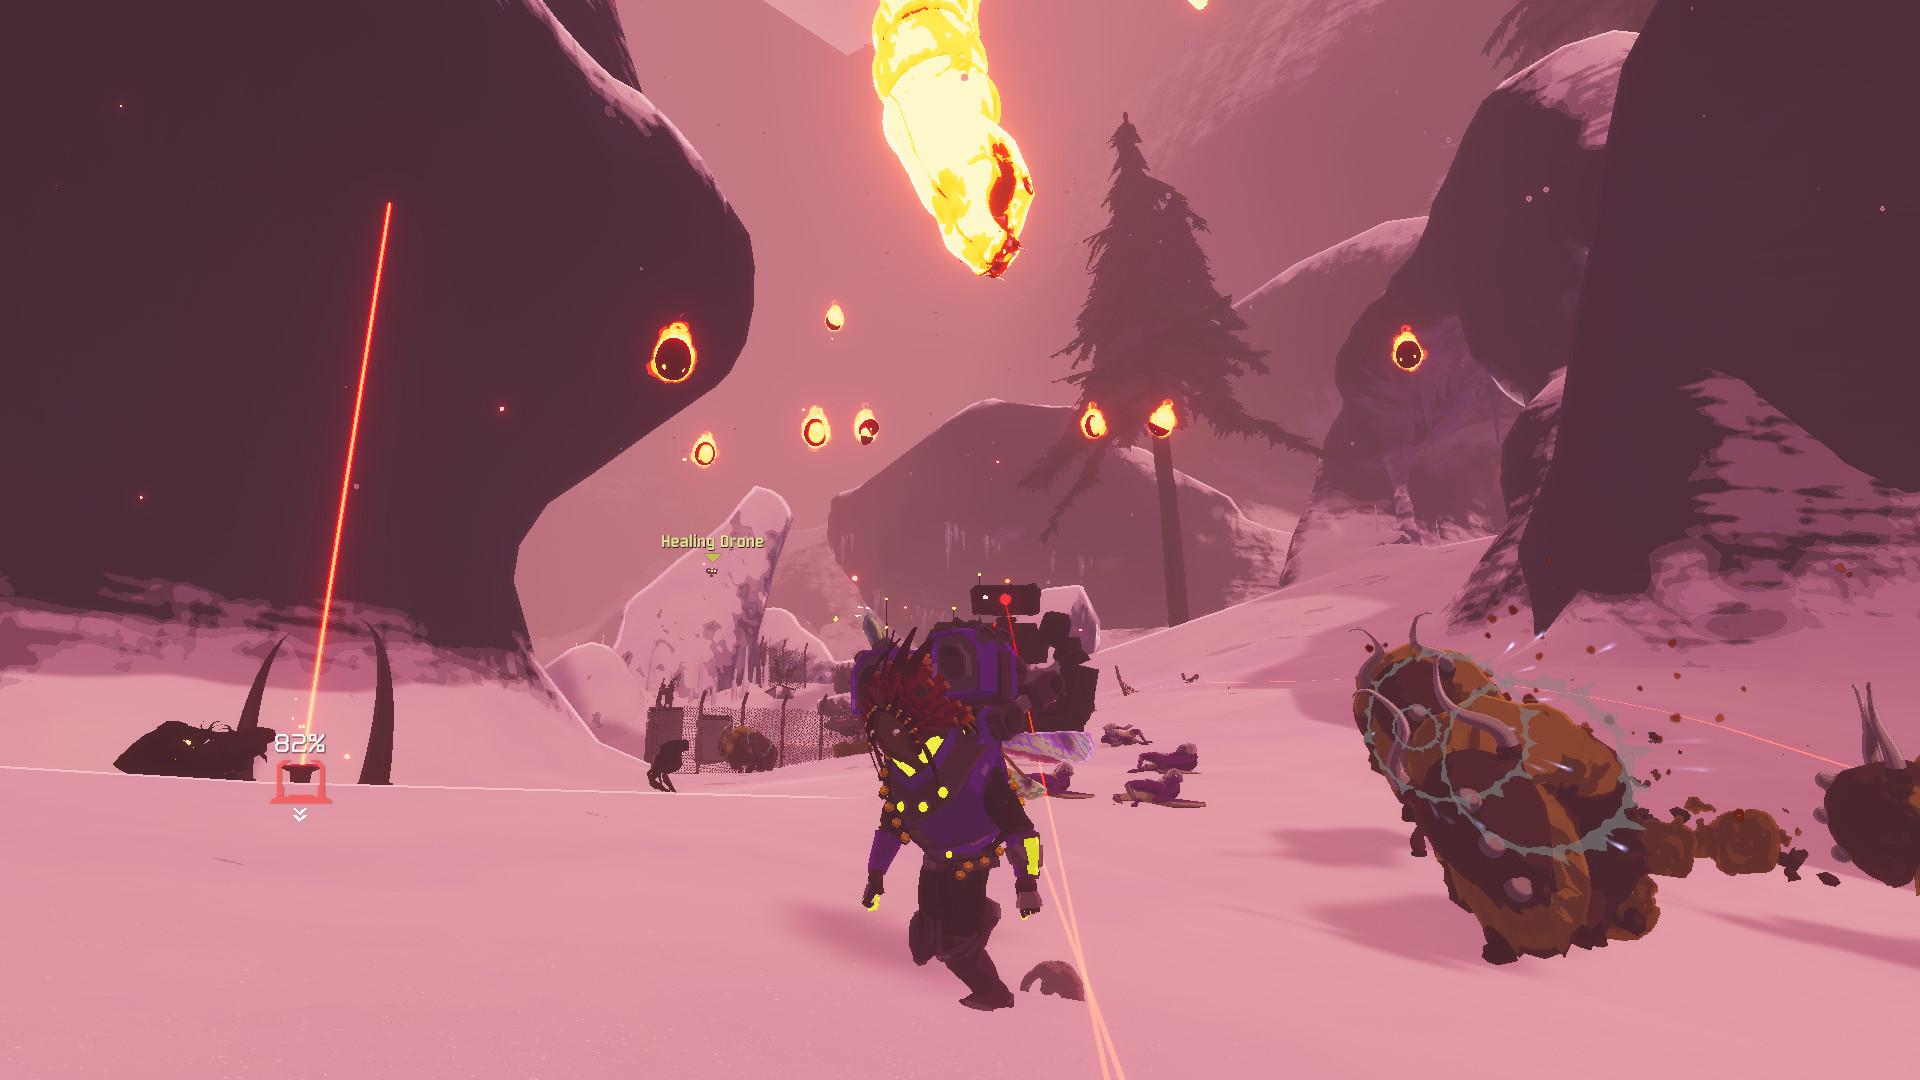 横版游戏《雨中冒险2》公布 2D变3D游戏画面大升级